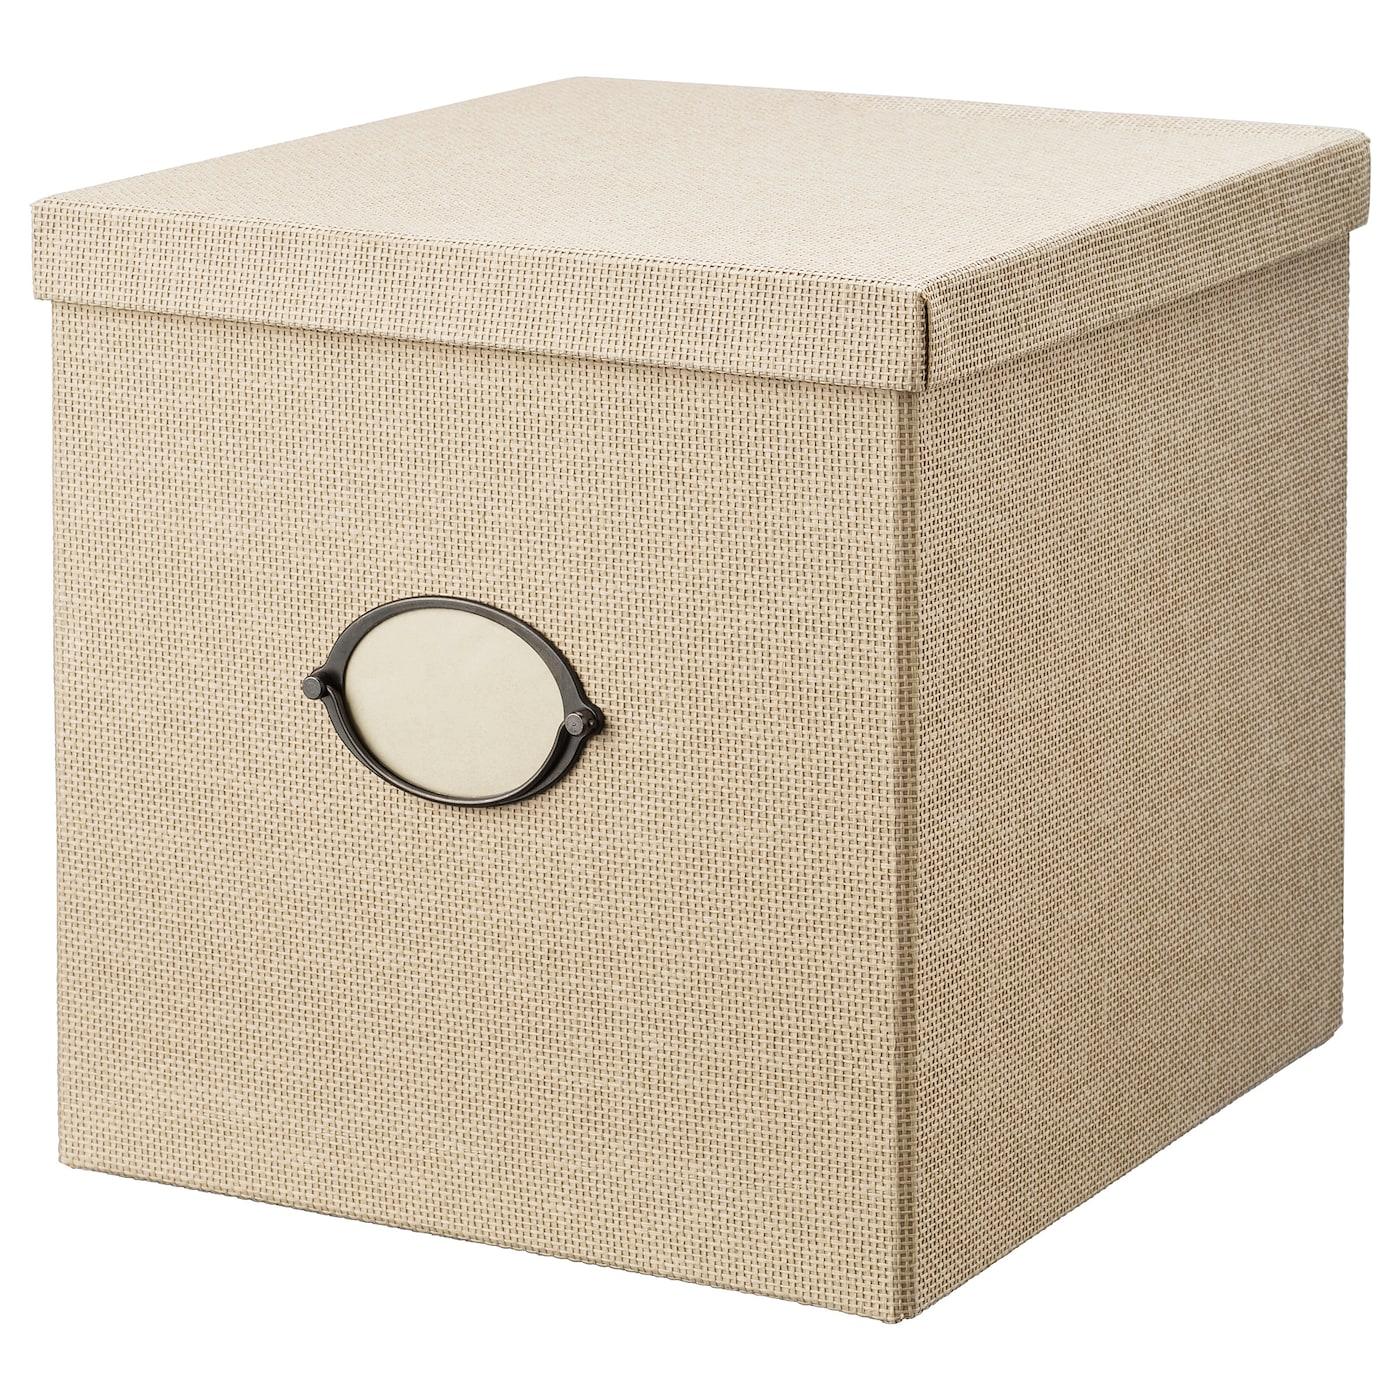 IKEA KVARNVIK Kasten mit Deckel – 35 x 32 x 32 cm – beige